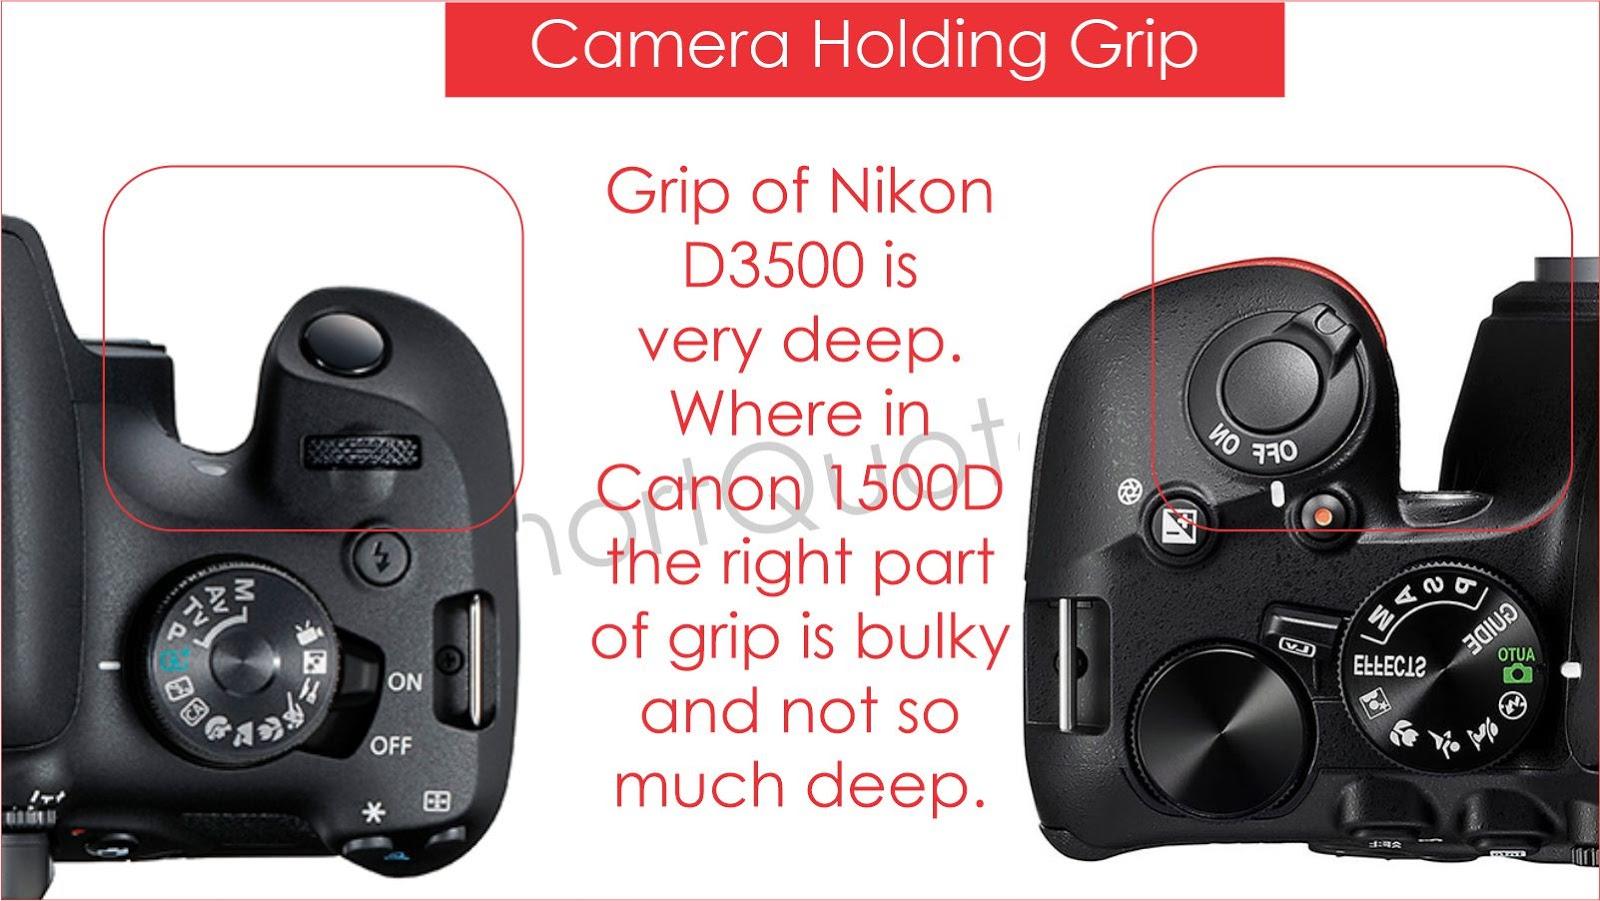 Nikon D3500 and Canon 1500D Grip Comparison